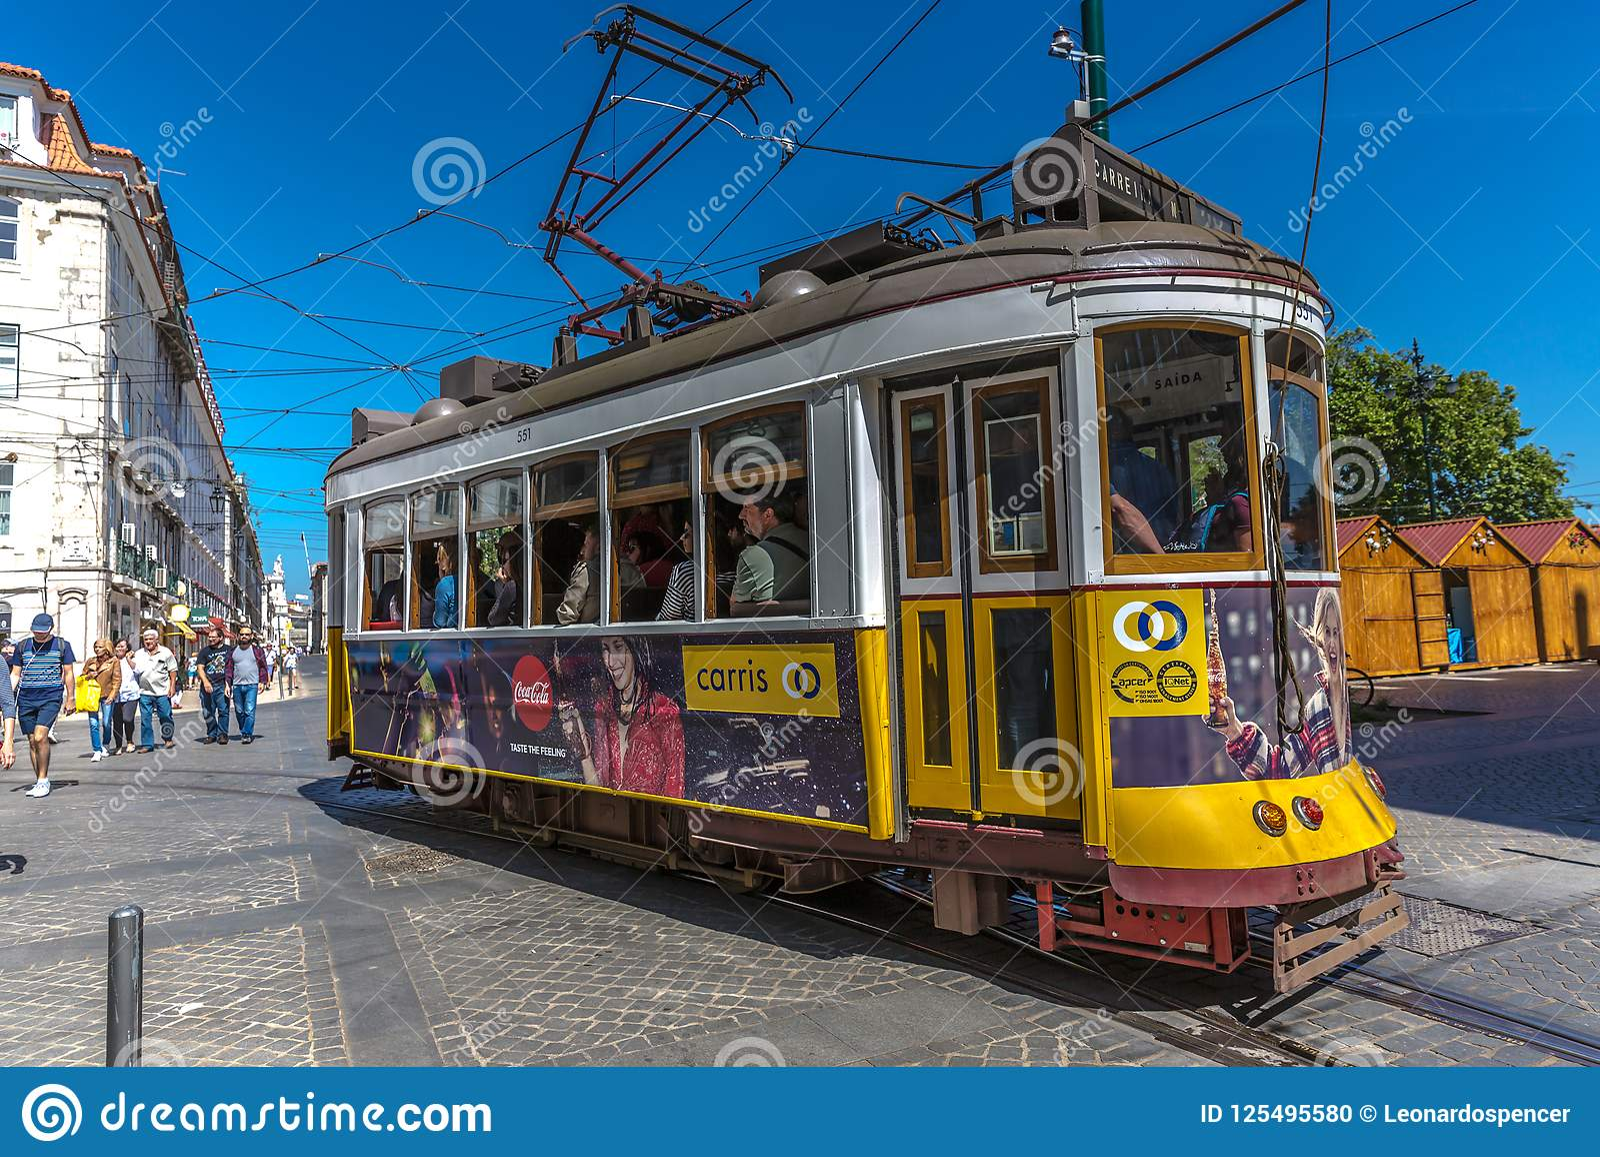 Lisbonne, Portugal - 9 mai 2018 - touriste et gens du pays montant un tram jaune traditionnel à Lisbonne du centre, dans un beau